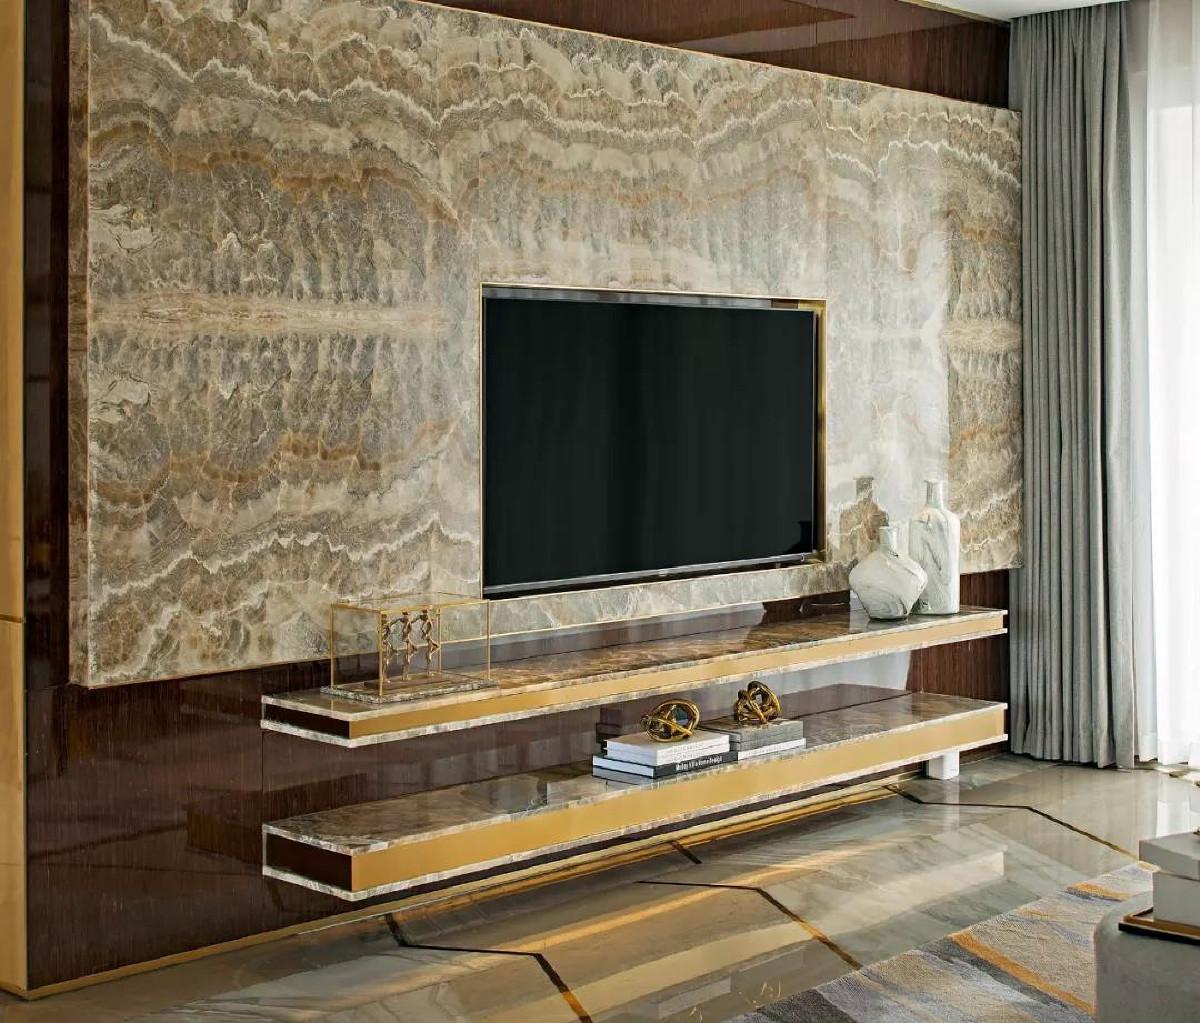 天山九峰290㎡现代奢华风格客厅电视背景墙效果图